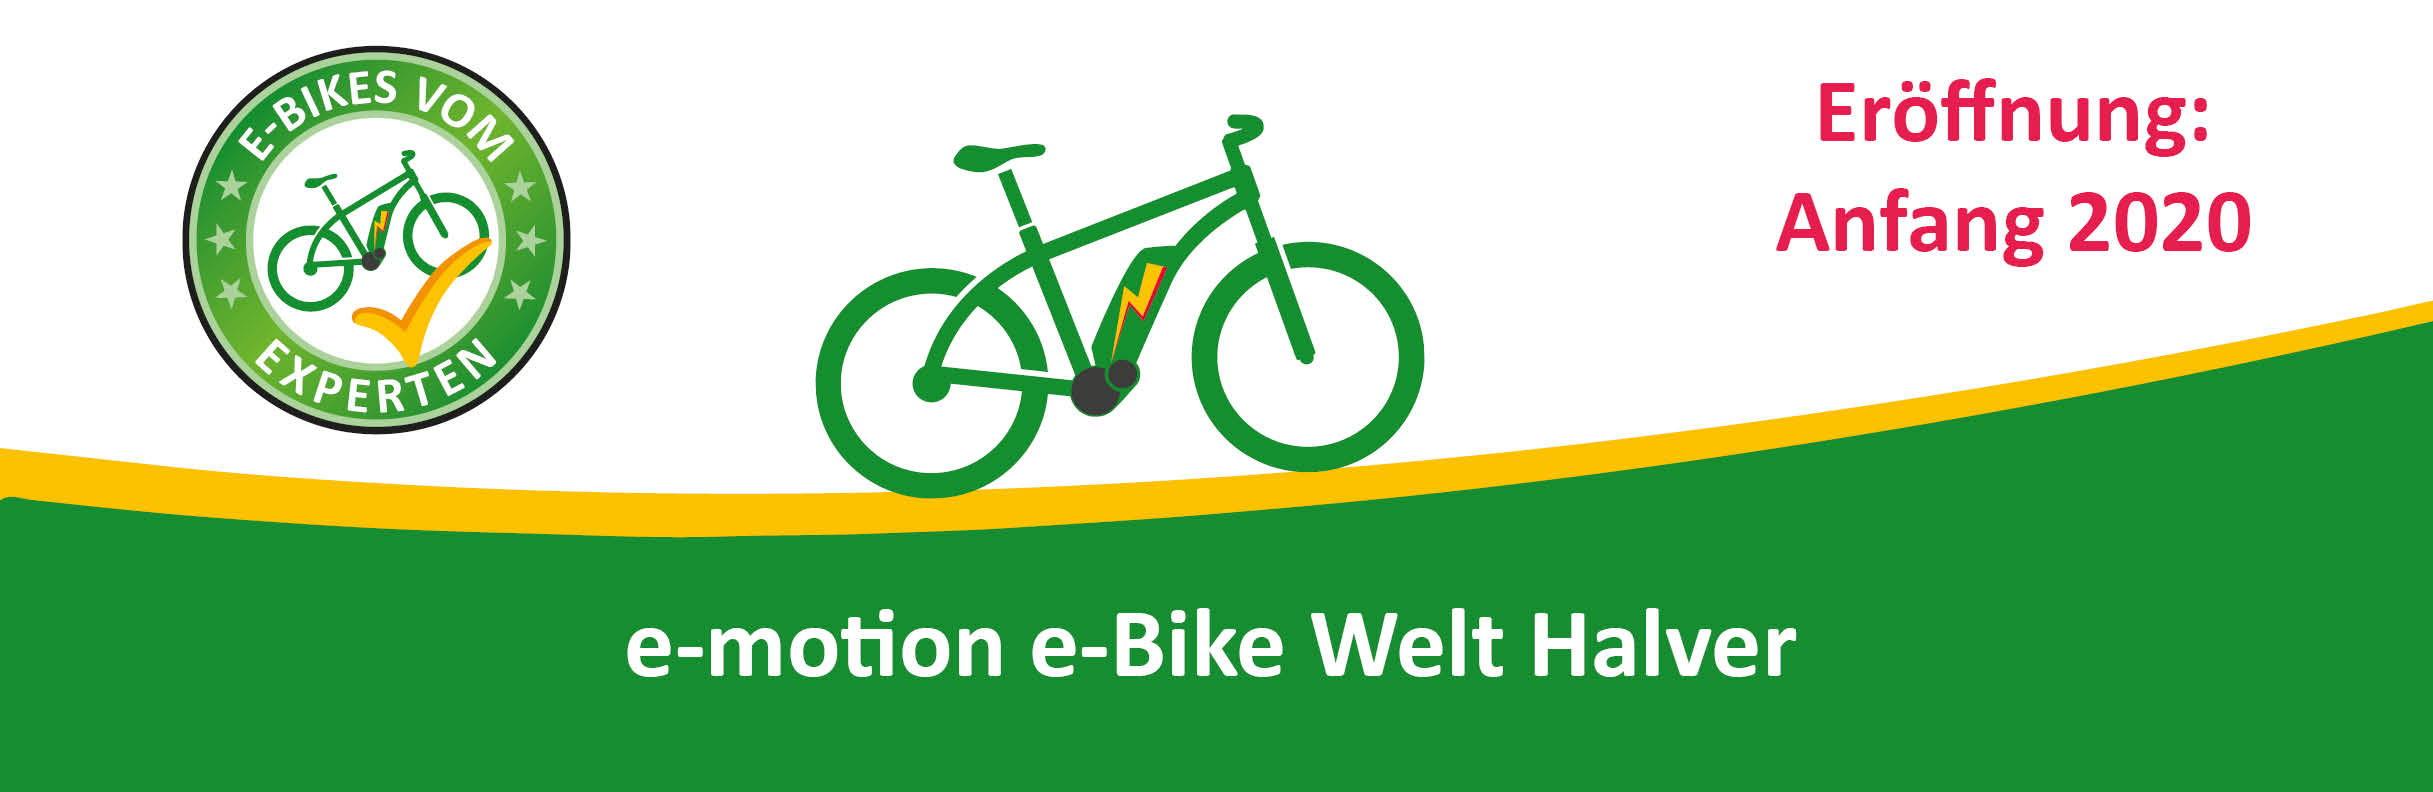 e-motion e-Bike Welt Halver